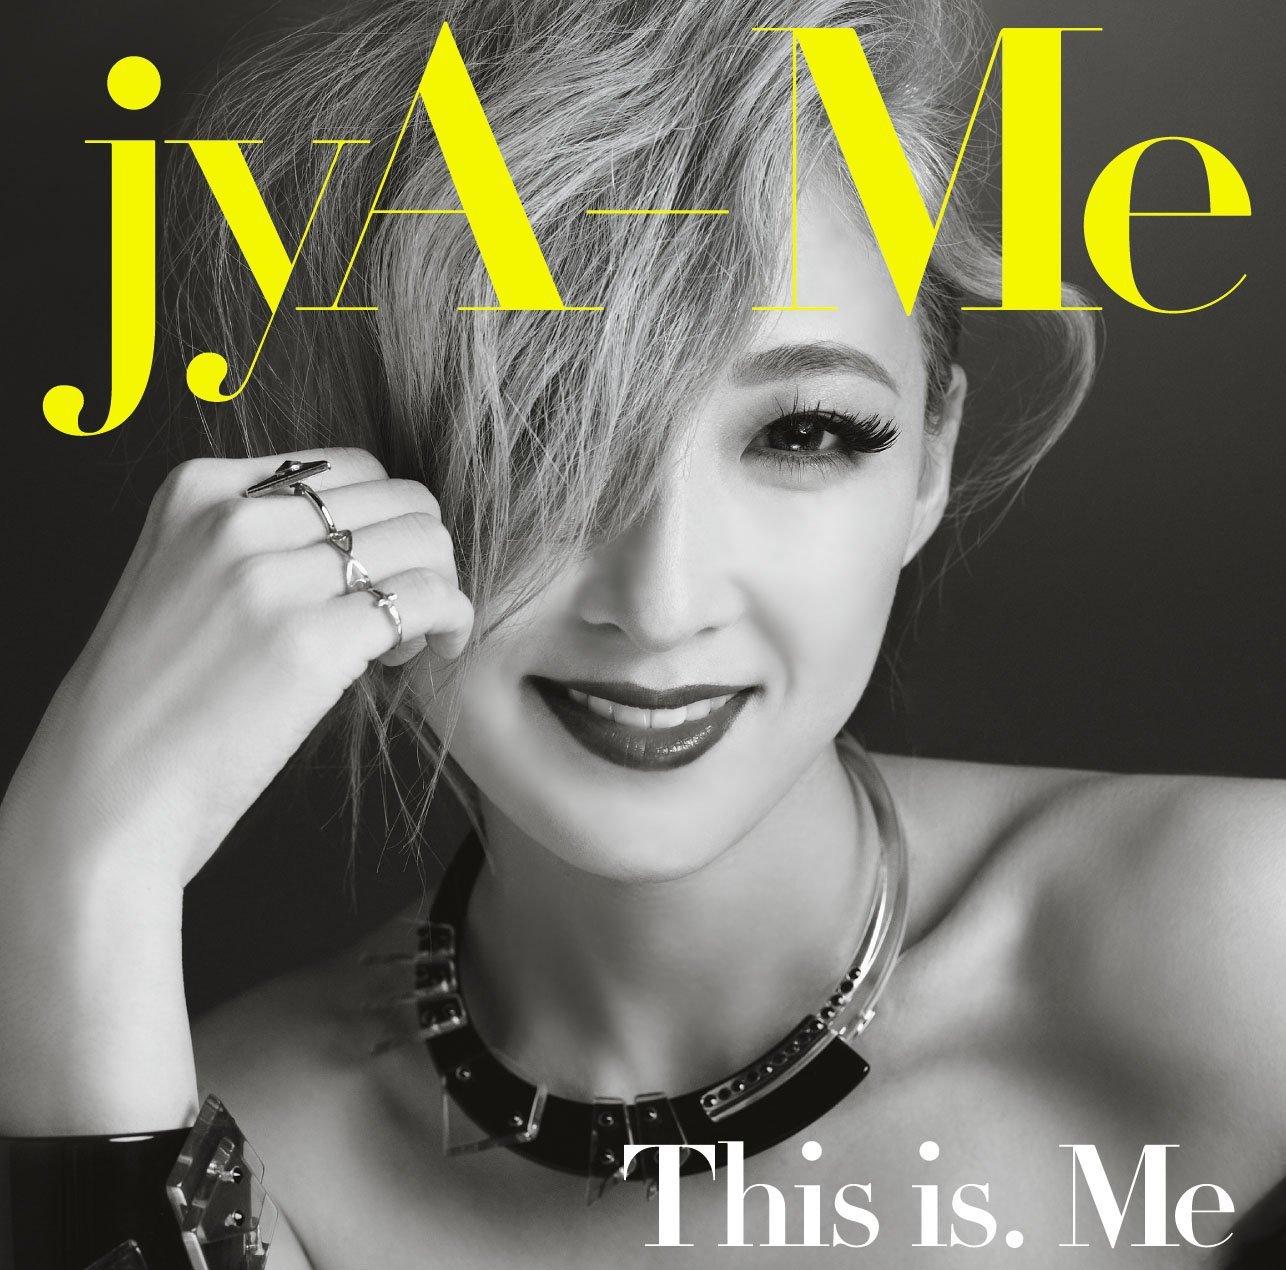 jyA-Me